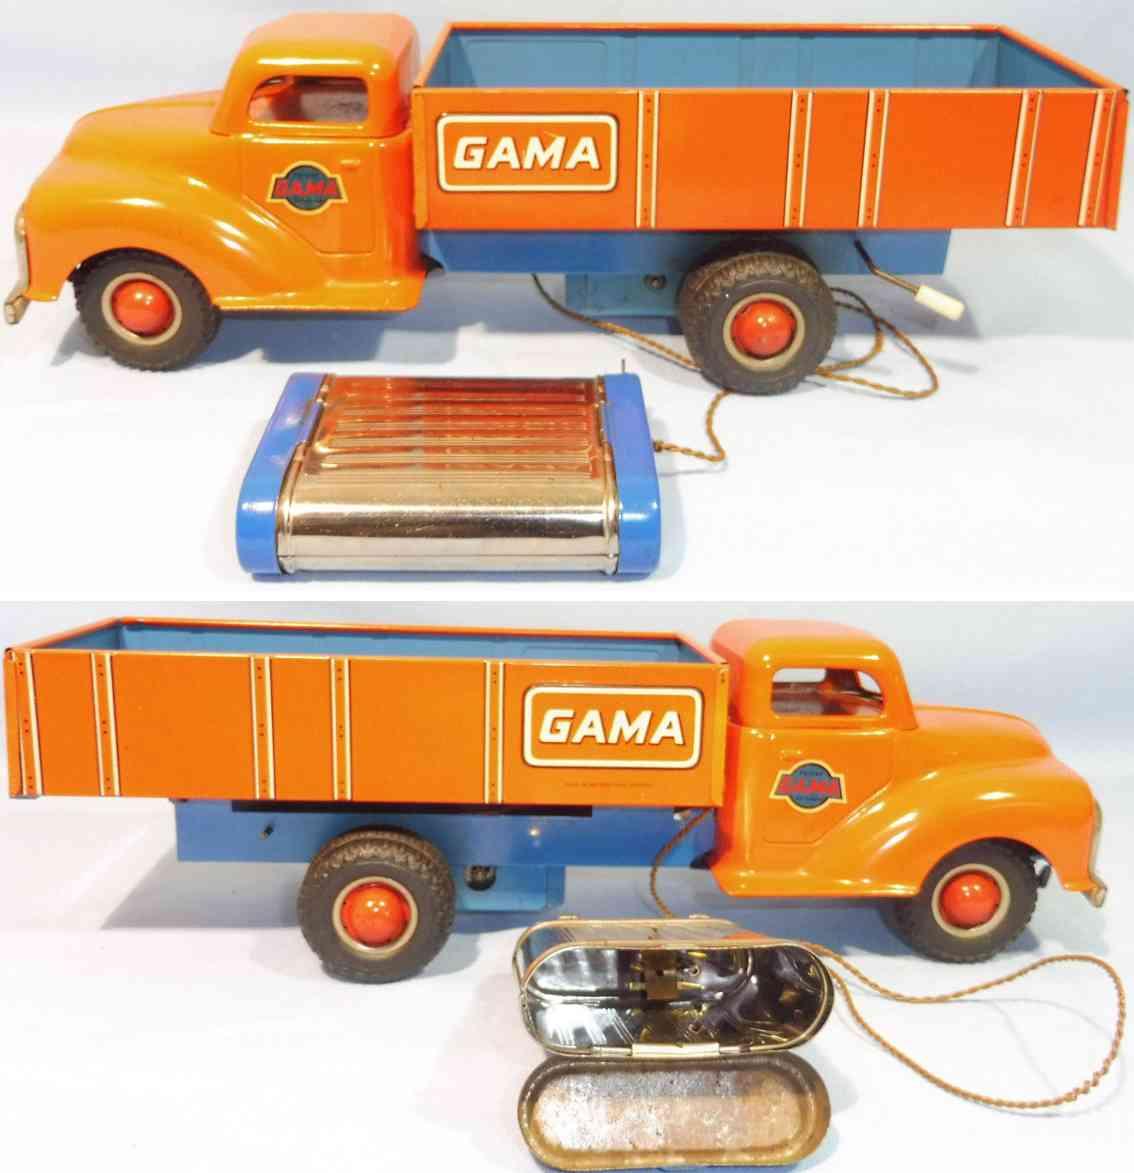 gama blech spielzeug kipplastwagen elektrischer antrieb rot blau